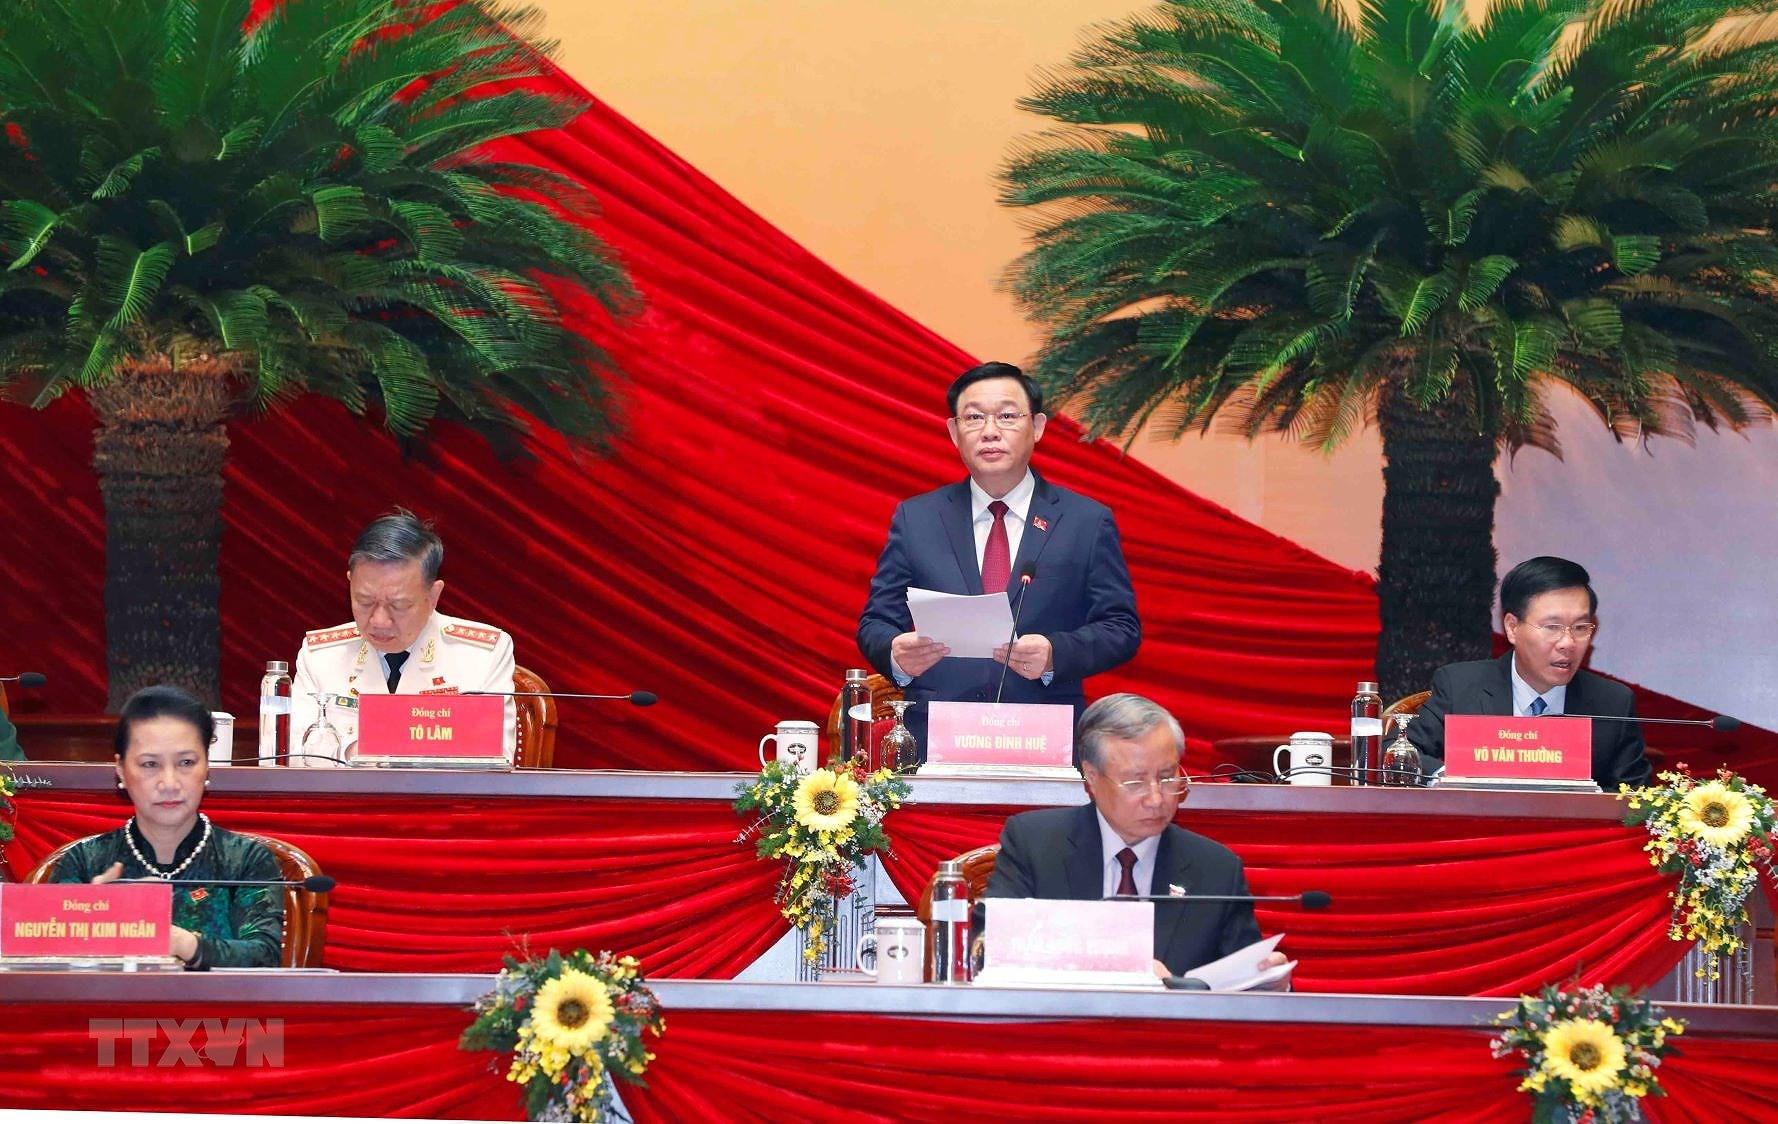 Ủy viên Bộ Chính trị, Bí thư Thành ủy Hà Nội Vương Đình Huệ thay mặt Đoàn Chủ tịch điều hành phiên họp sáng 28/1 (Ảnh: TTXVN)